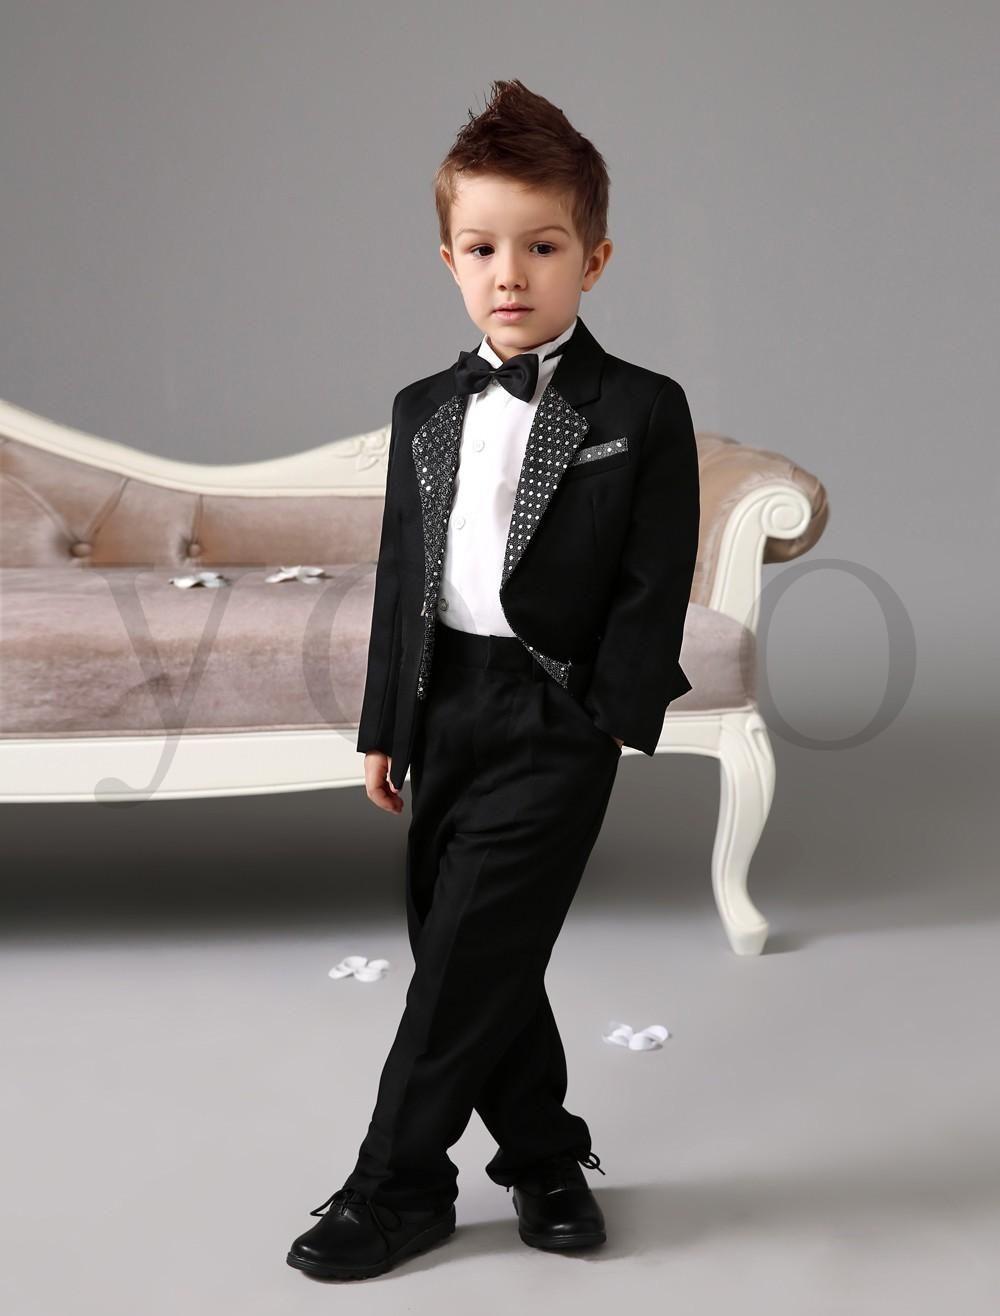 e0c654059f833 Wholesale Price --- Handsome Cute Boys Formal Occasion Attire ...